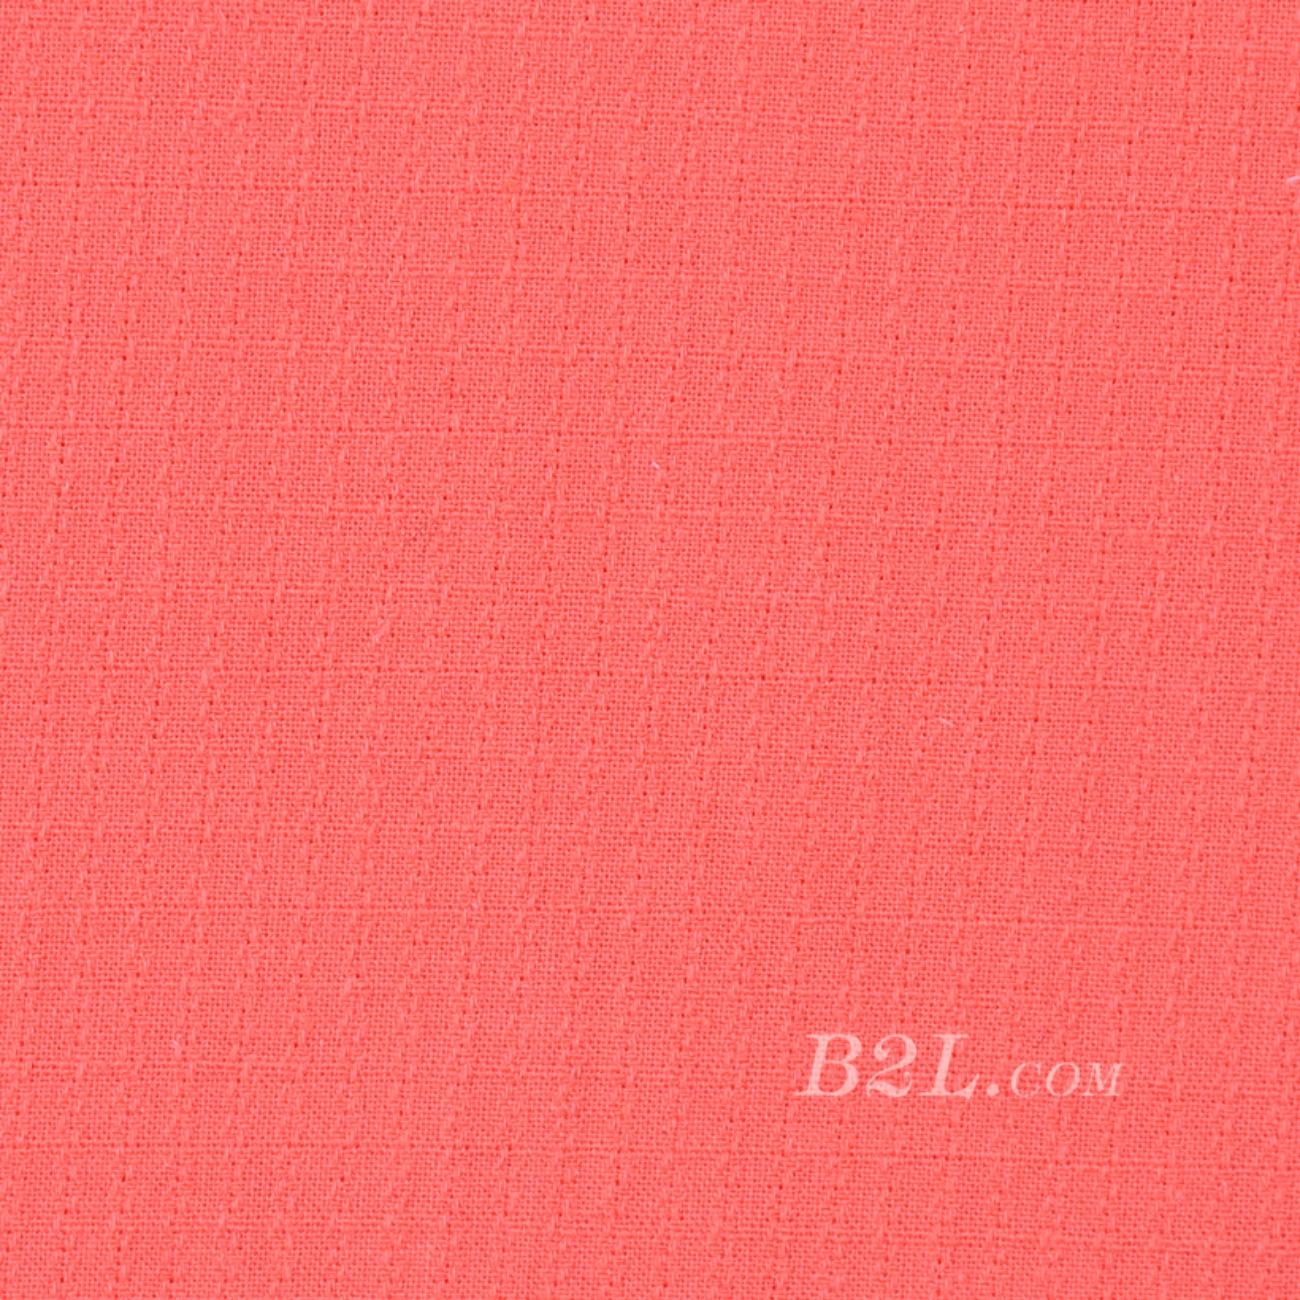 格子 素色 梭织 色织 提花 无弹 连衣裙 衬衫 柔软 棉感 女装 春夏 71116-38